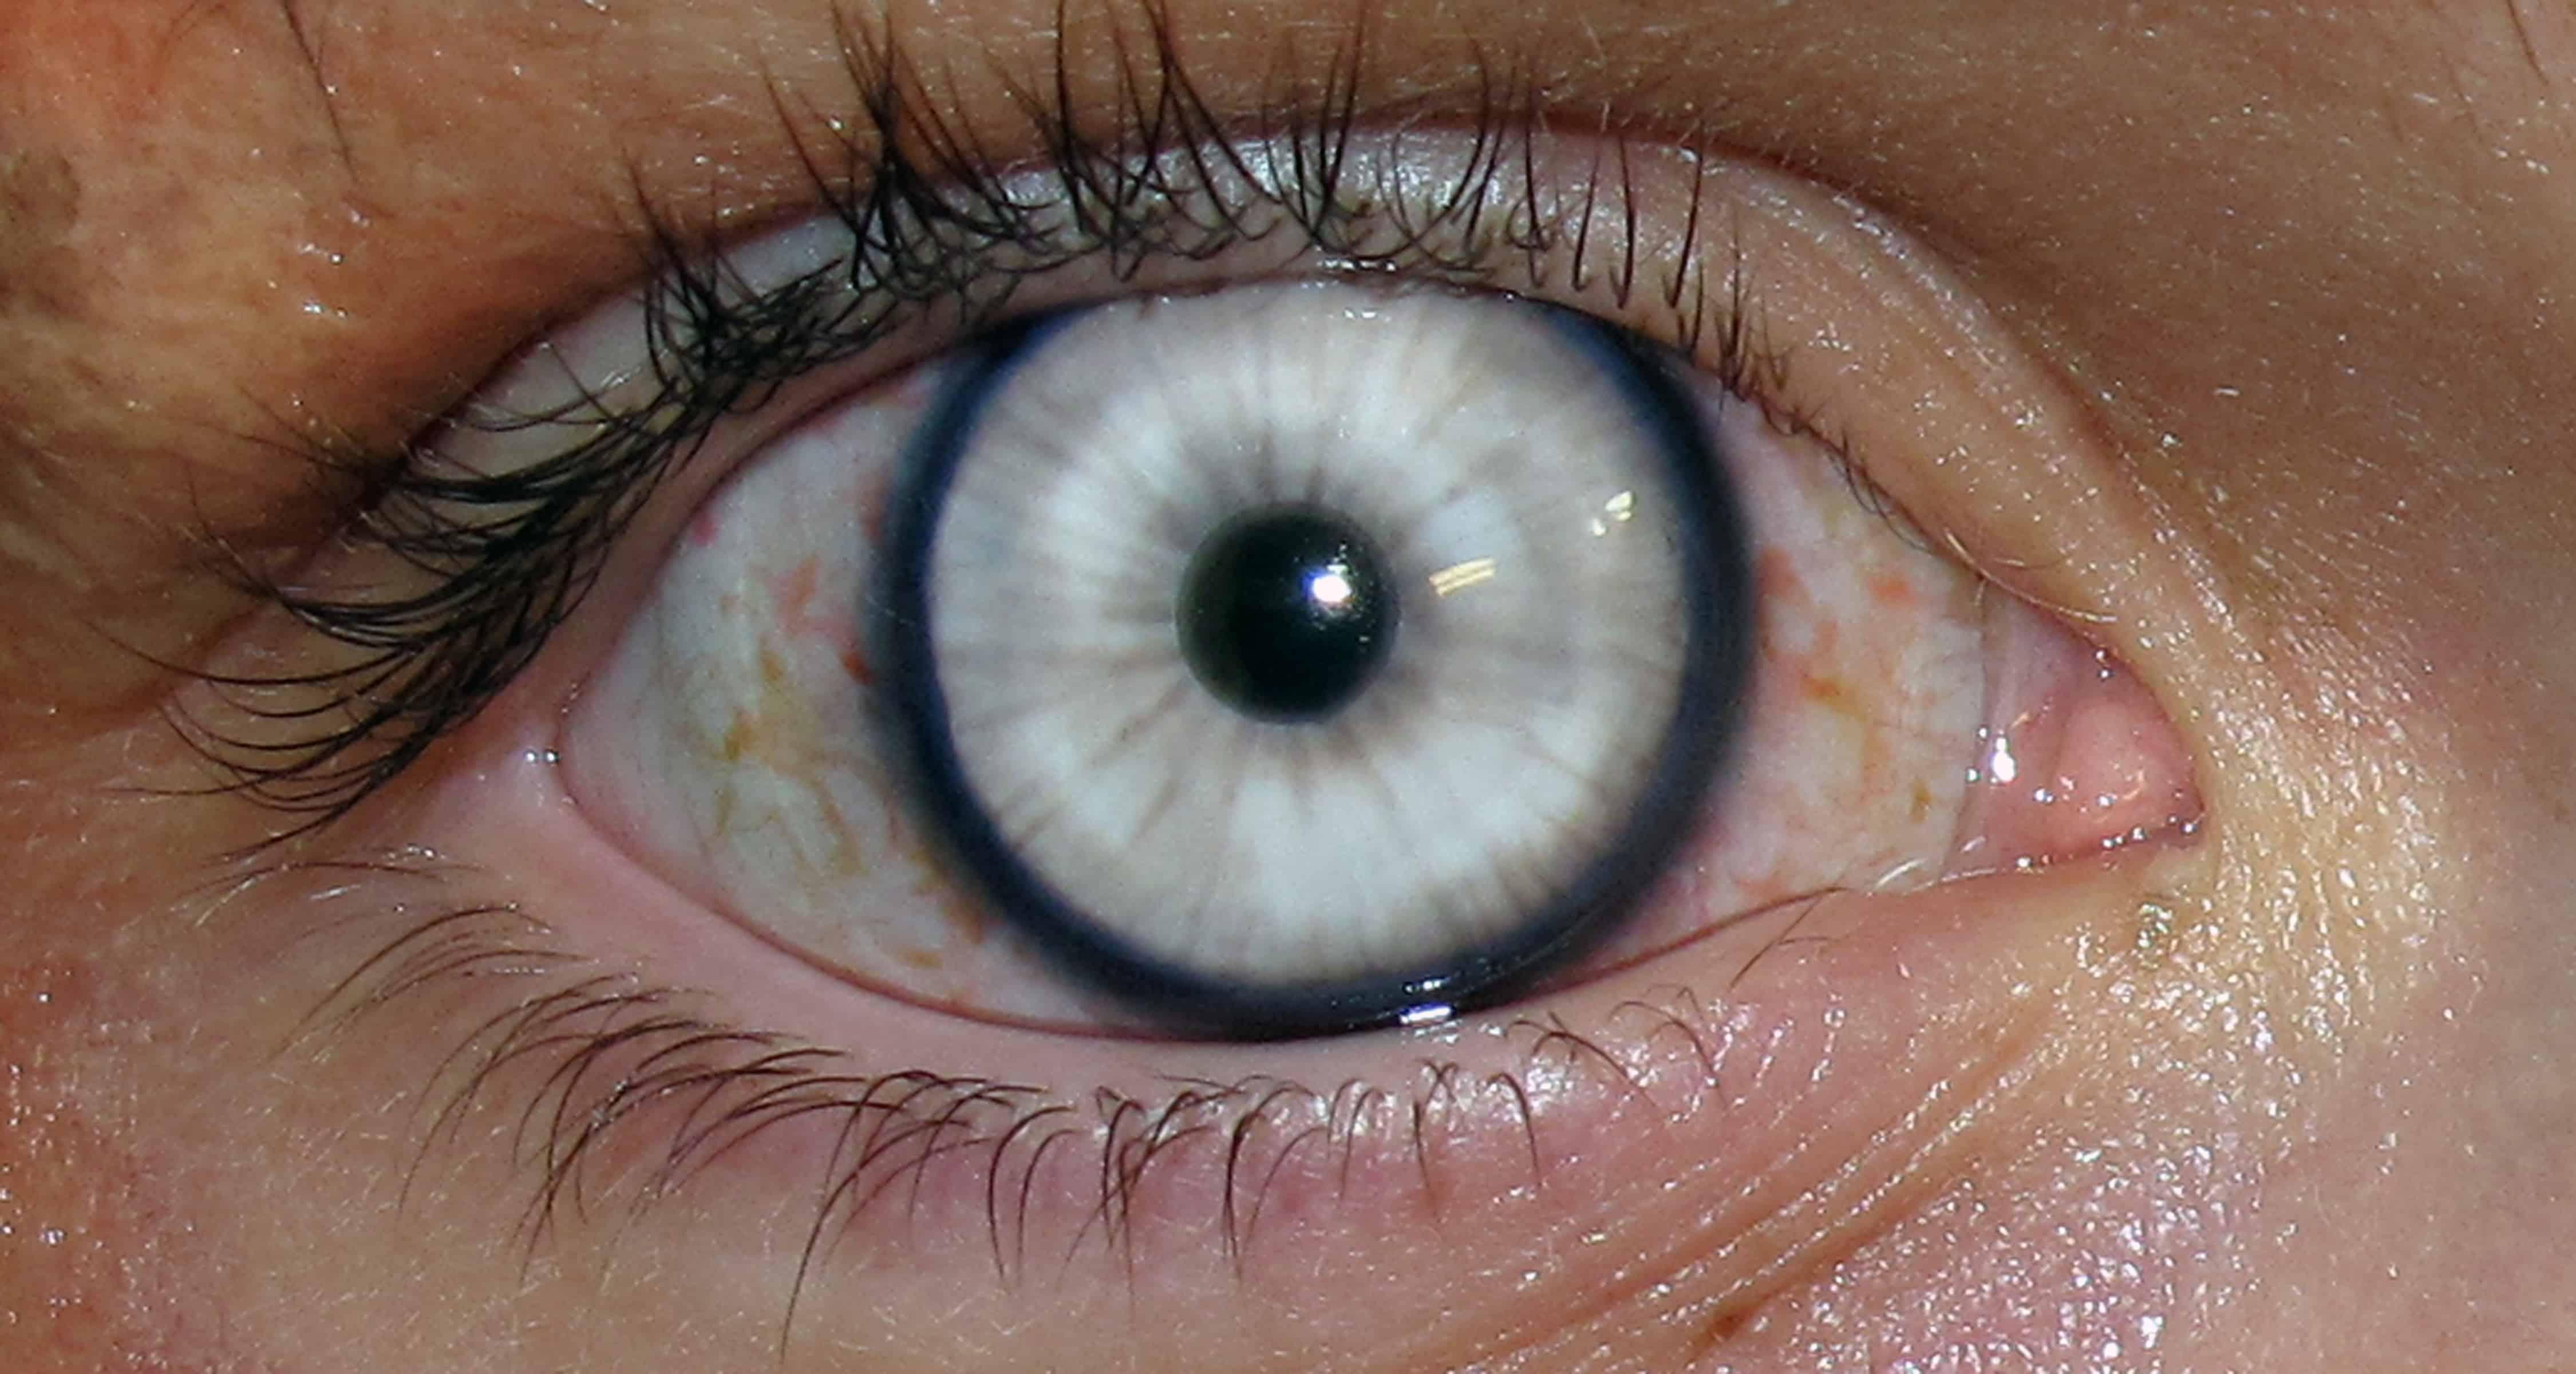 Бельмо на глазу у человека – причины, симптомы и лечение